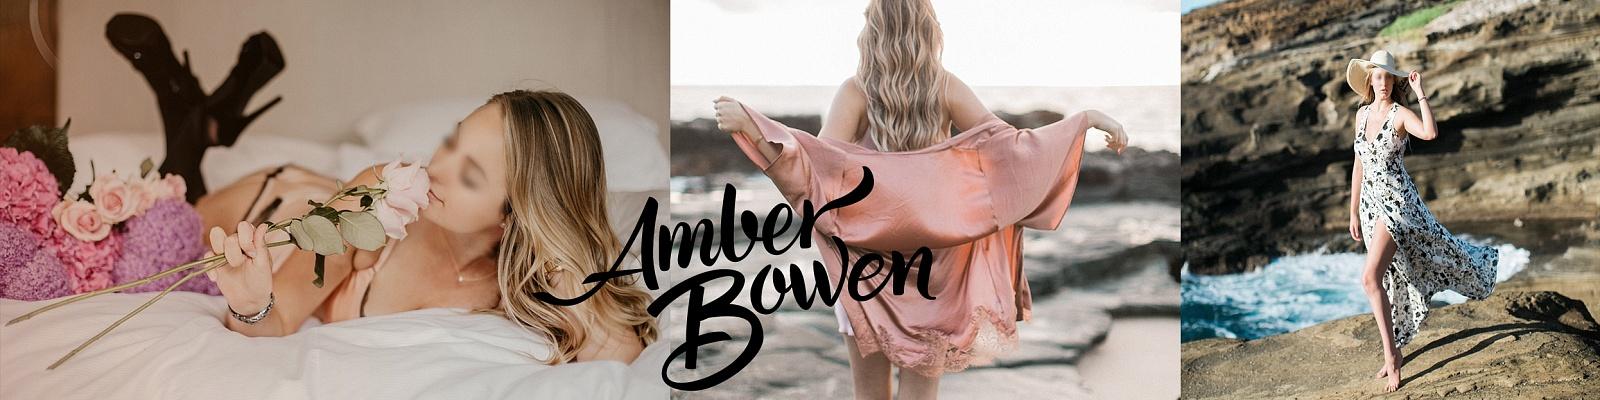 Amber Bowen Escort